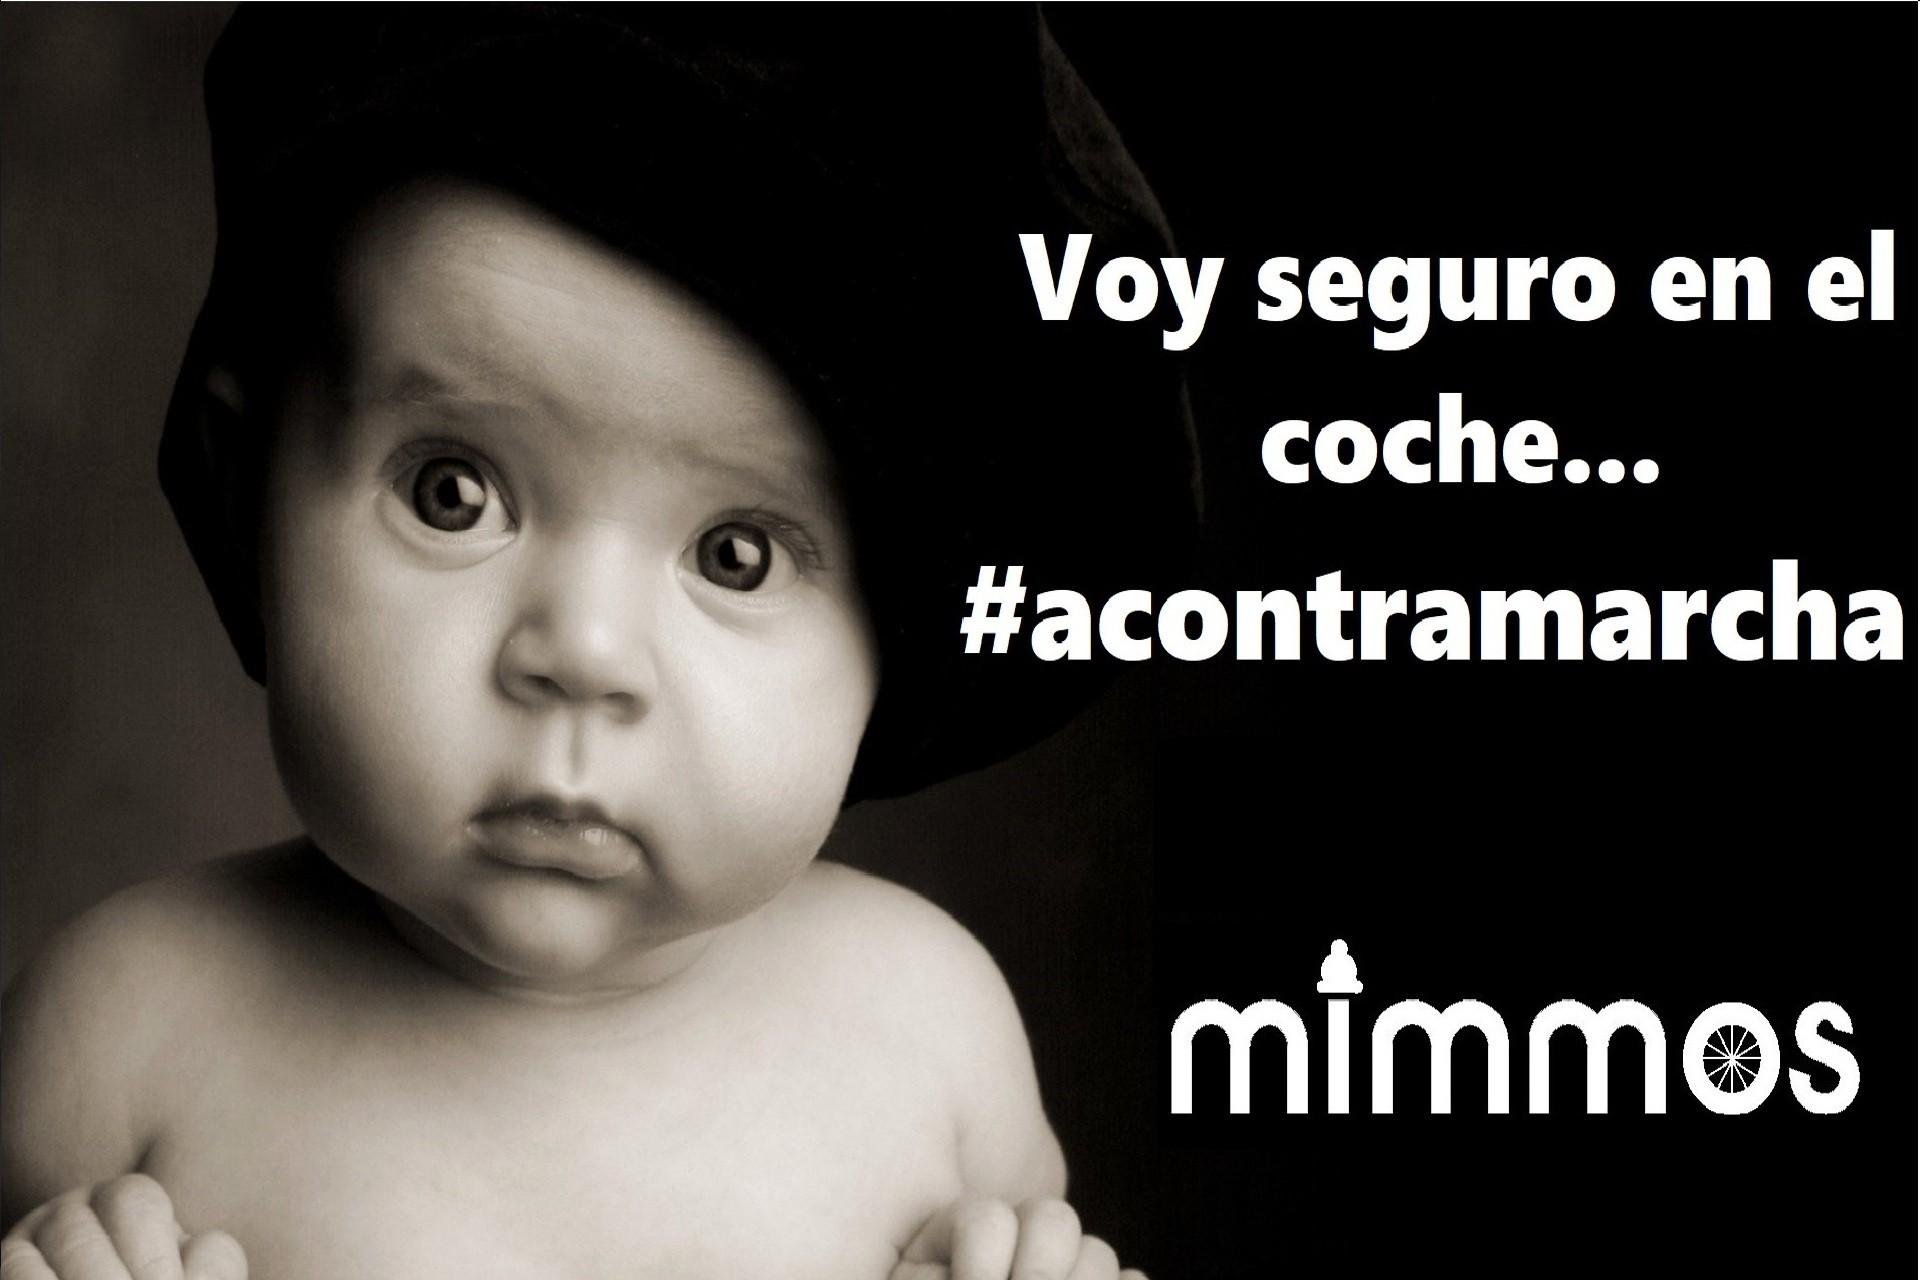 #acm ACONTRAMARCHA